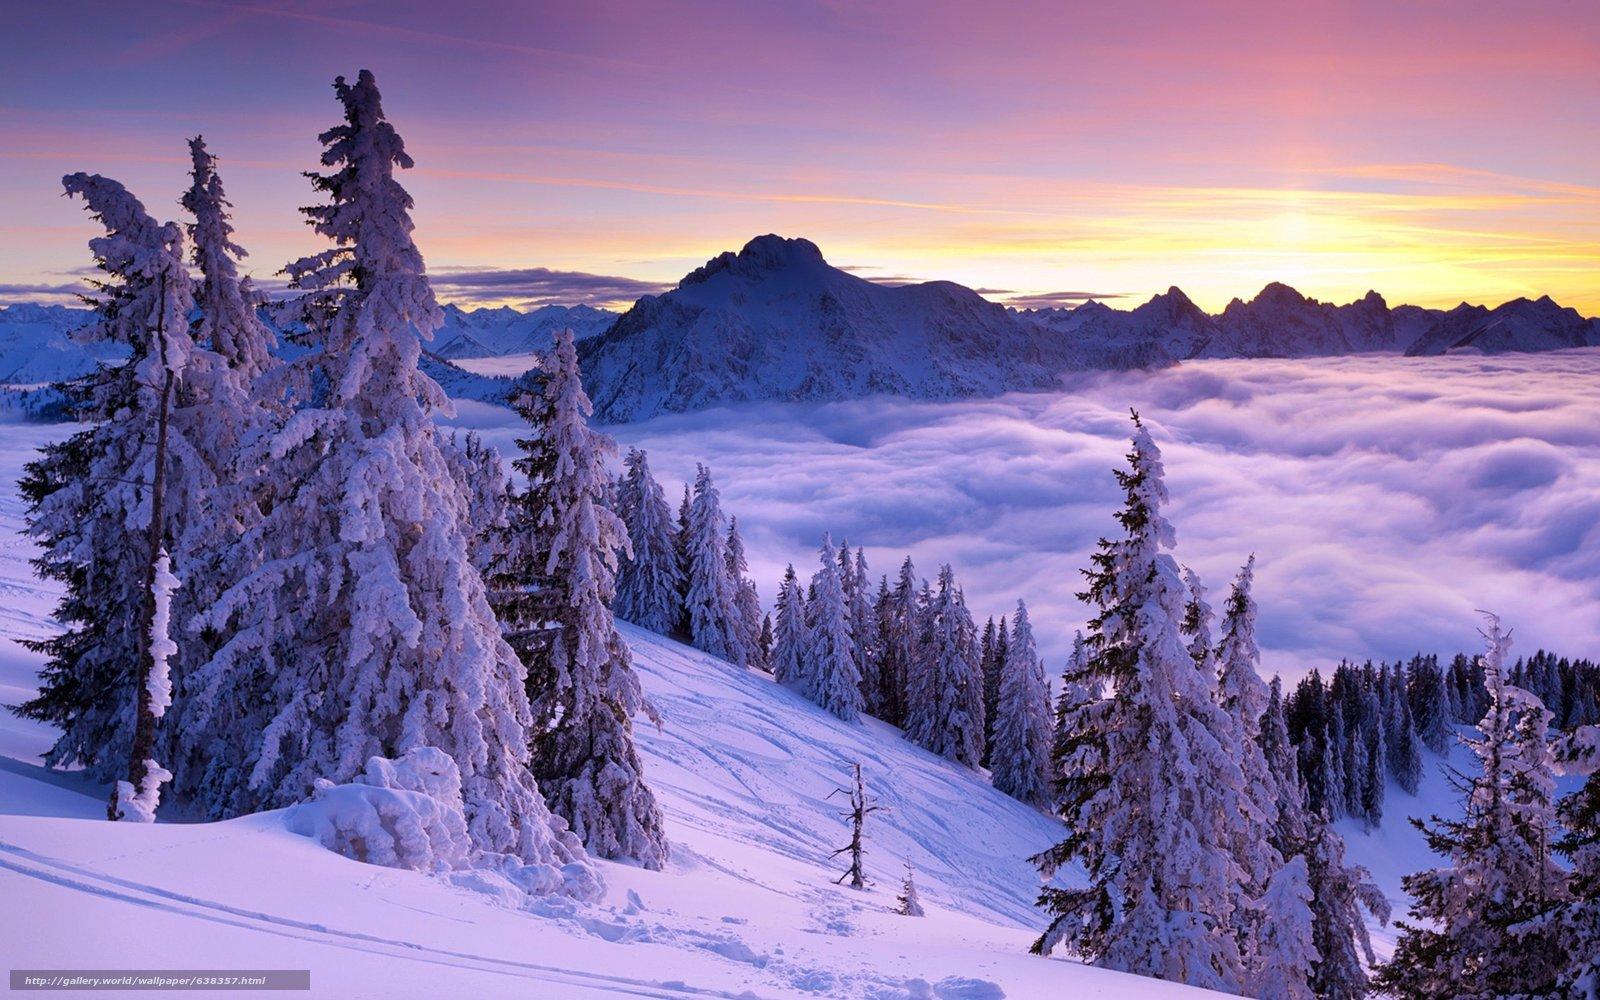 Скачать обои закат,  горы,  деревья,  зима бесплатно для рабочего стола в разрешении 4000x2500 — картинка №638357